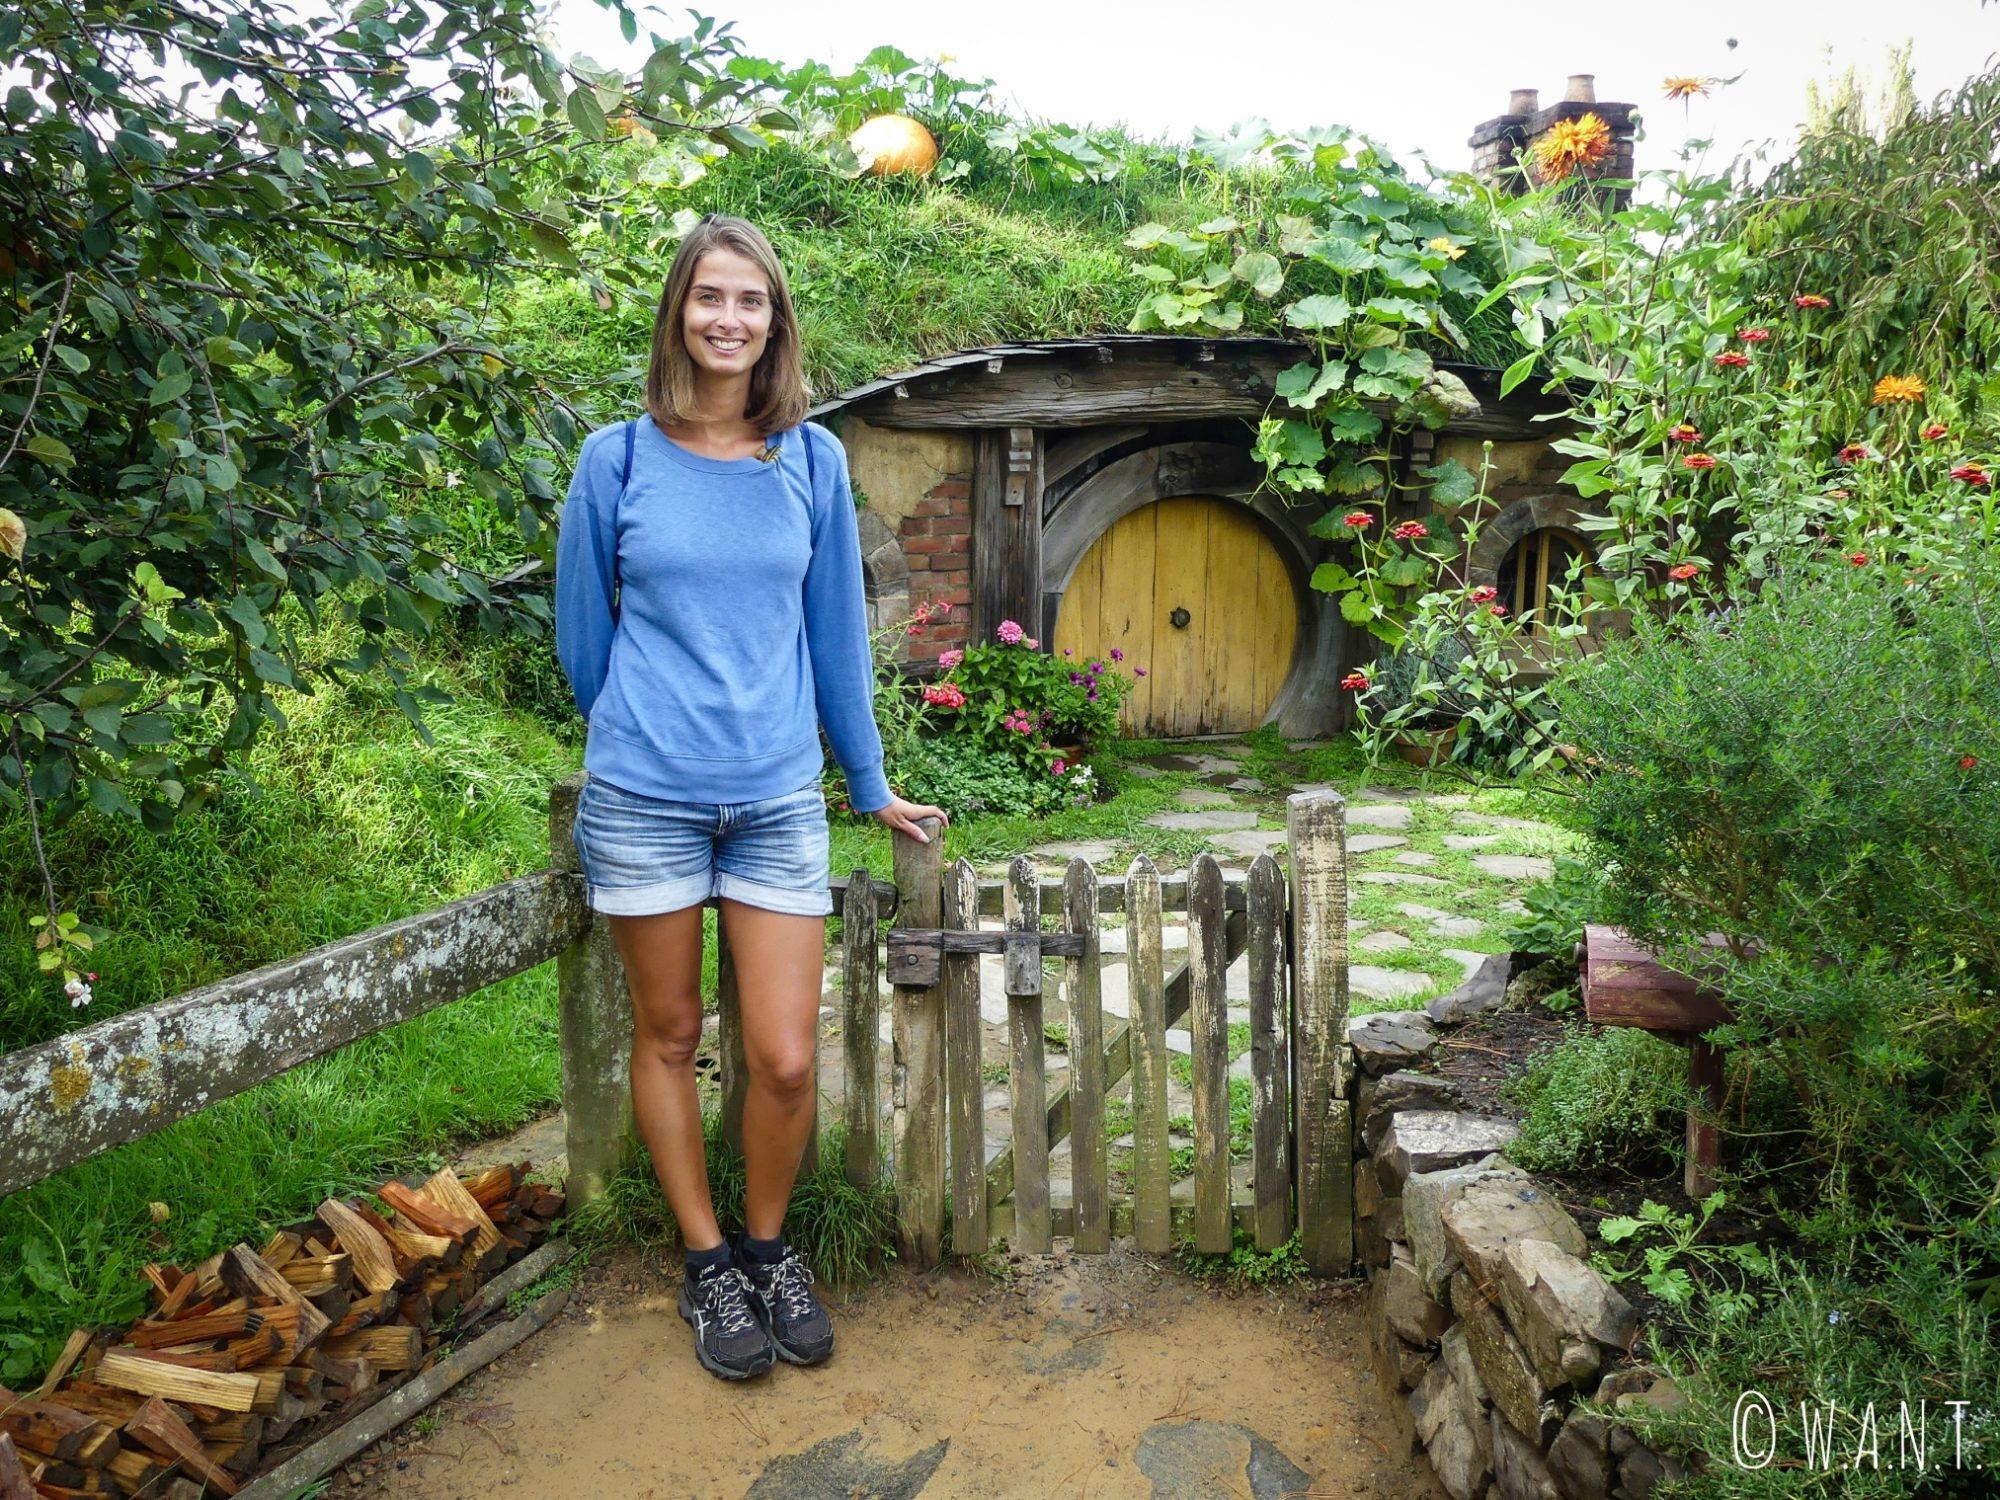 Marion, devant une maison de Hobbiton, en Nouvelle-Zélande